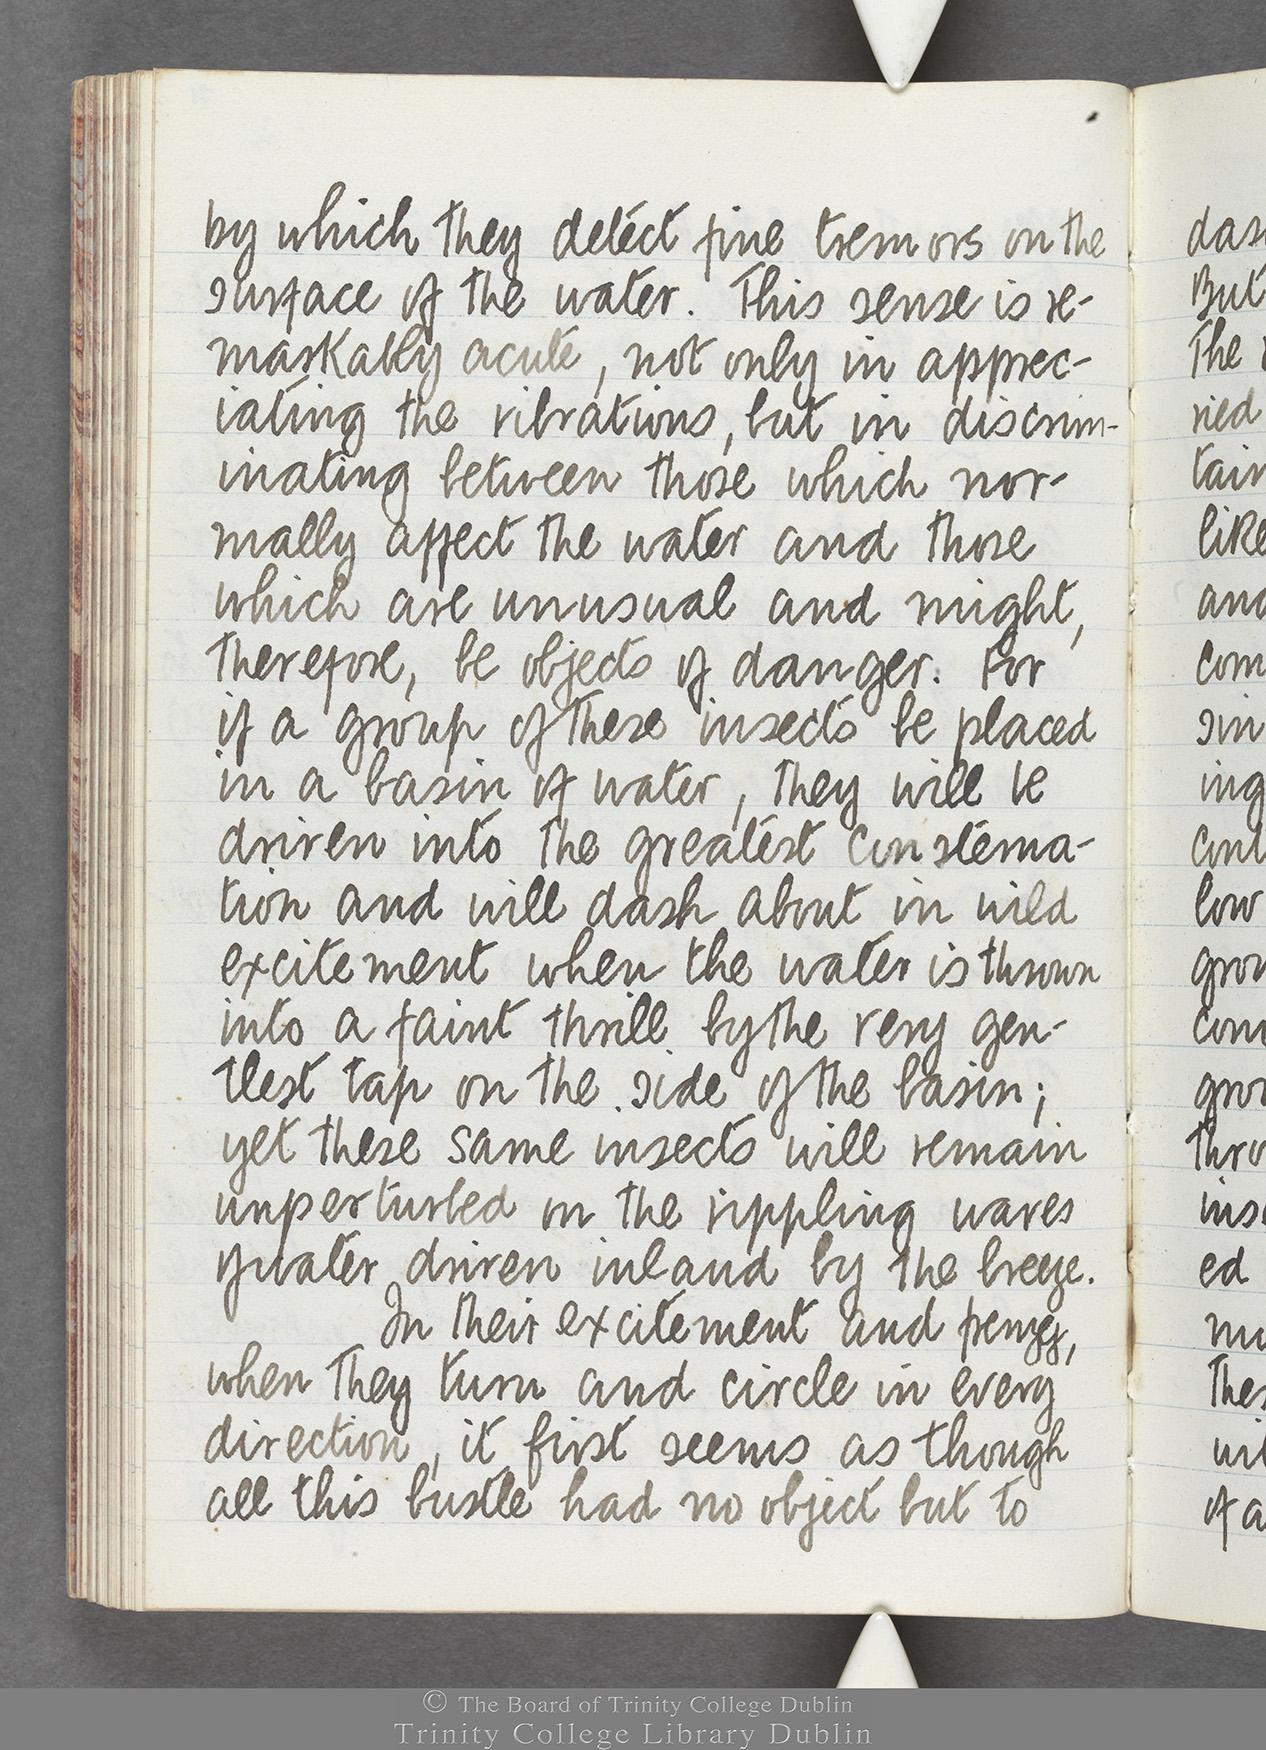 TCD MS 10516 folio 71 verso